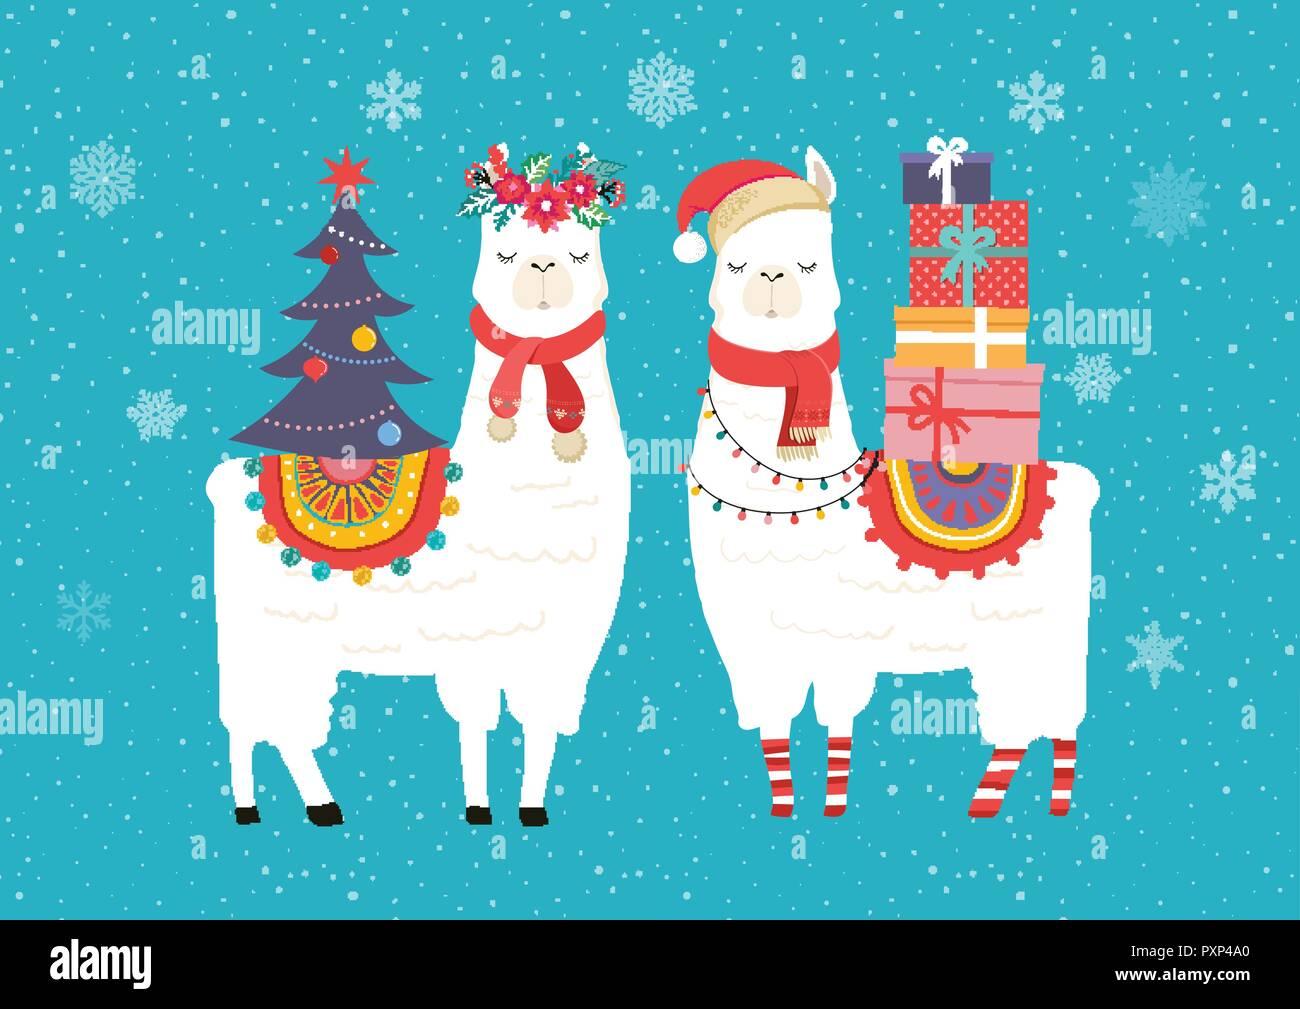 Kindergarten Weihnachten.Llama Winter Abbildung Niedliche Design Für Kindergarten Poster